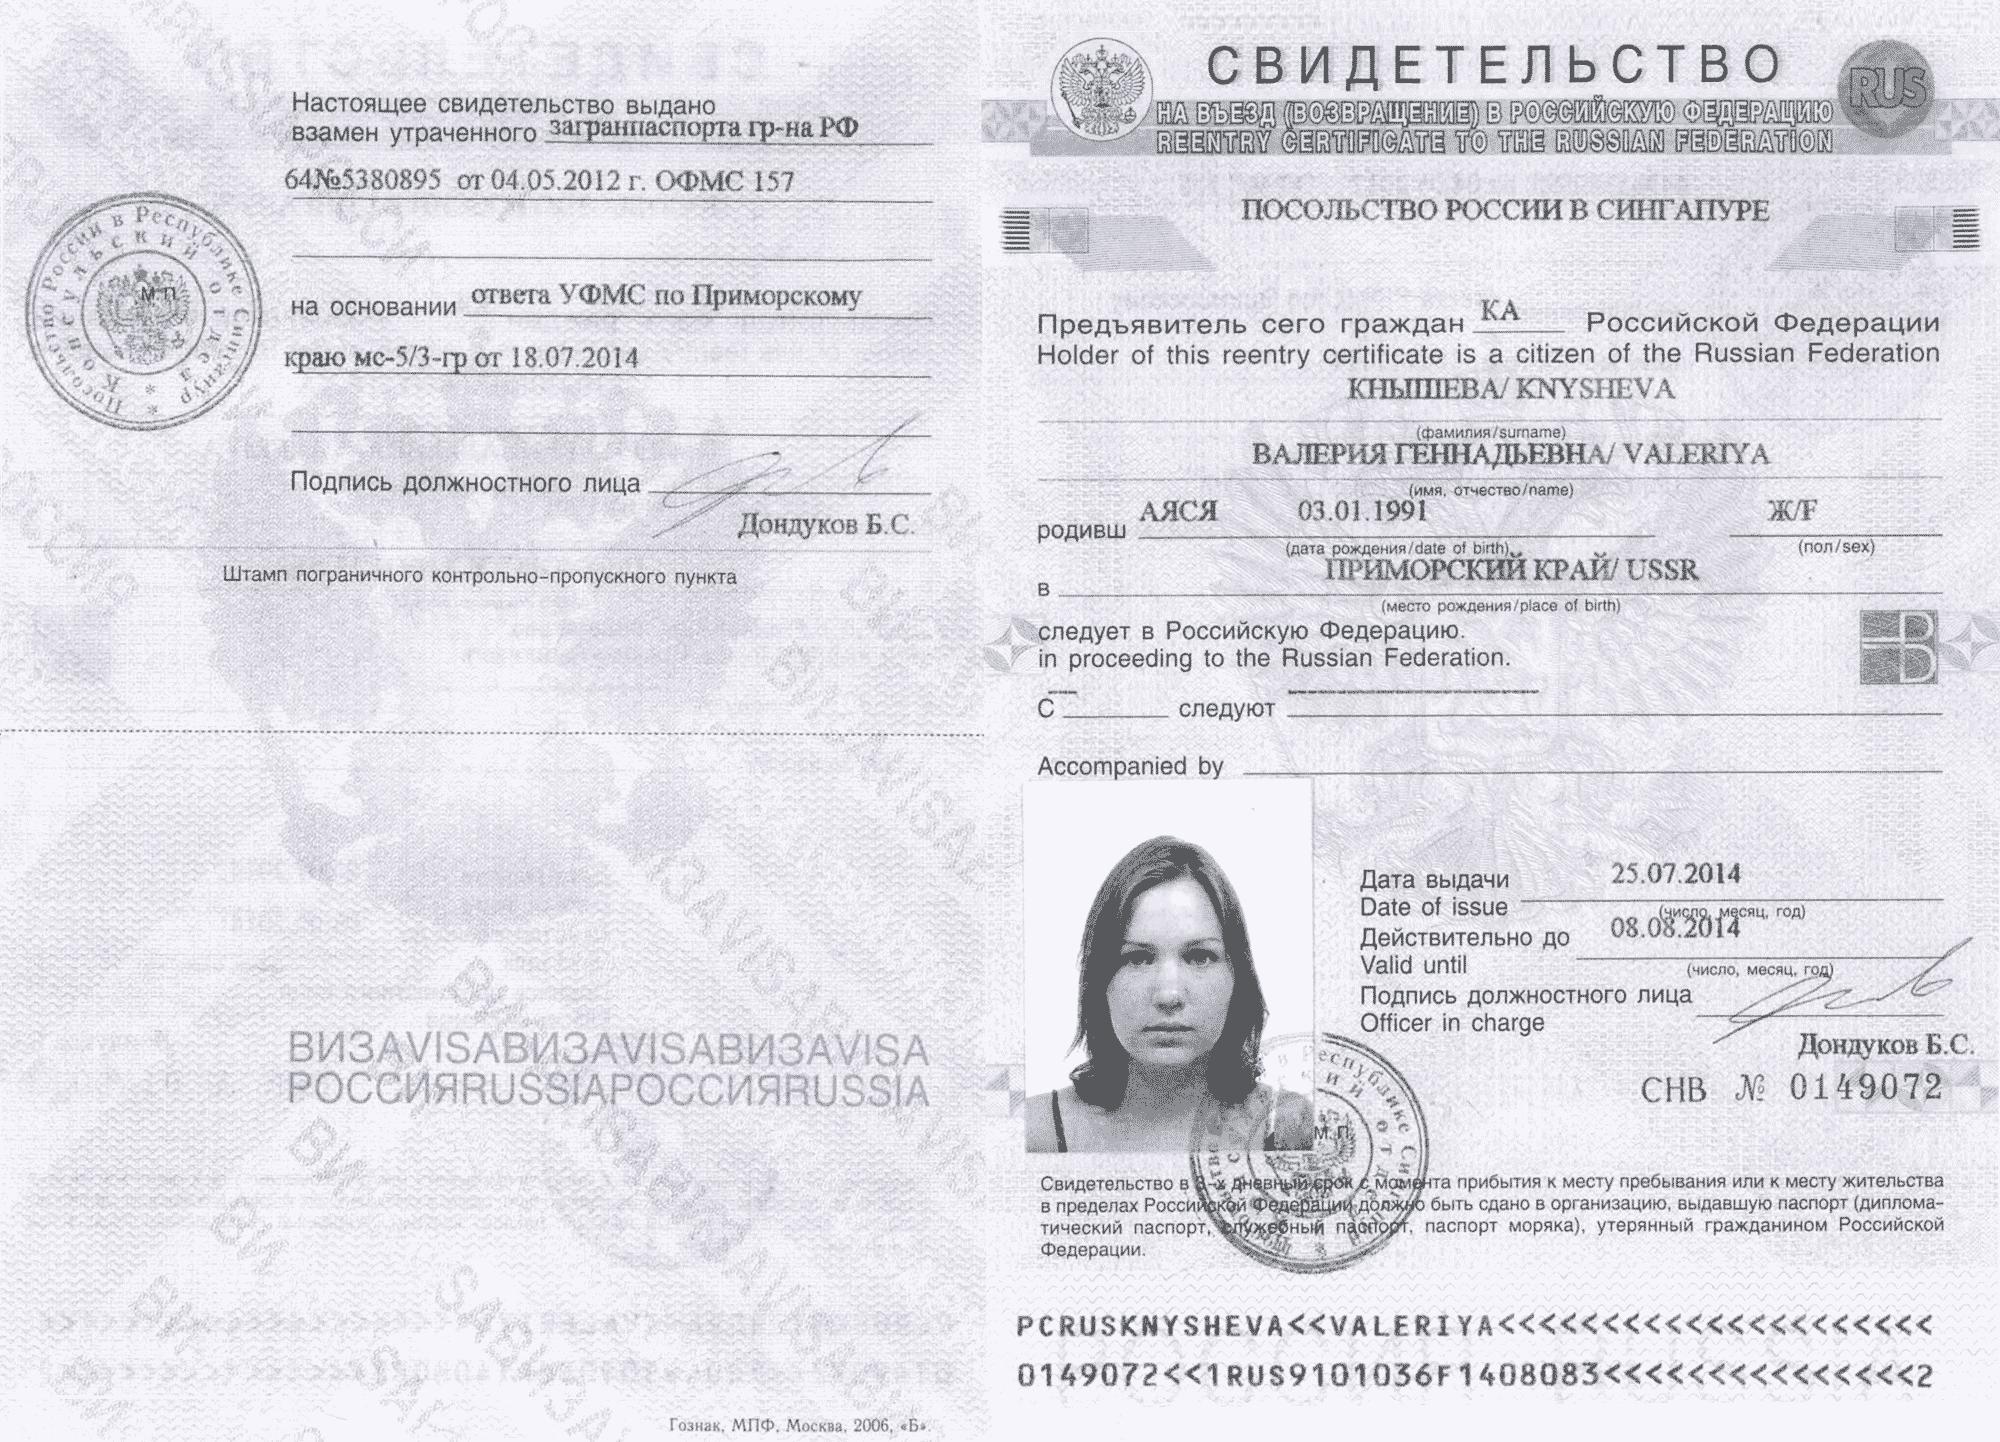 Мое свидетельство на возвращение из посольства России в Сингапуре